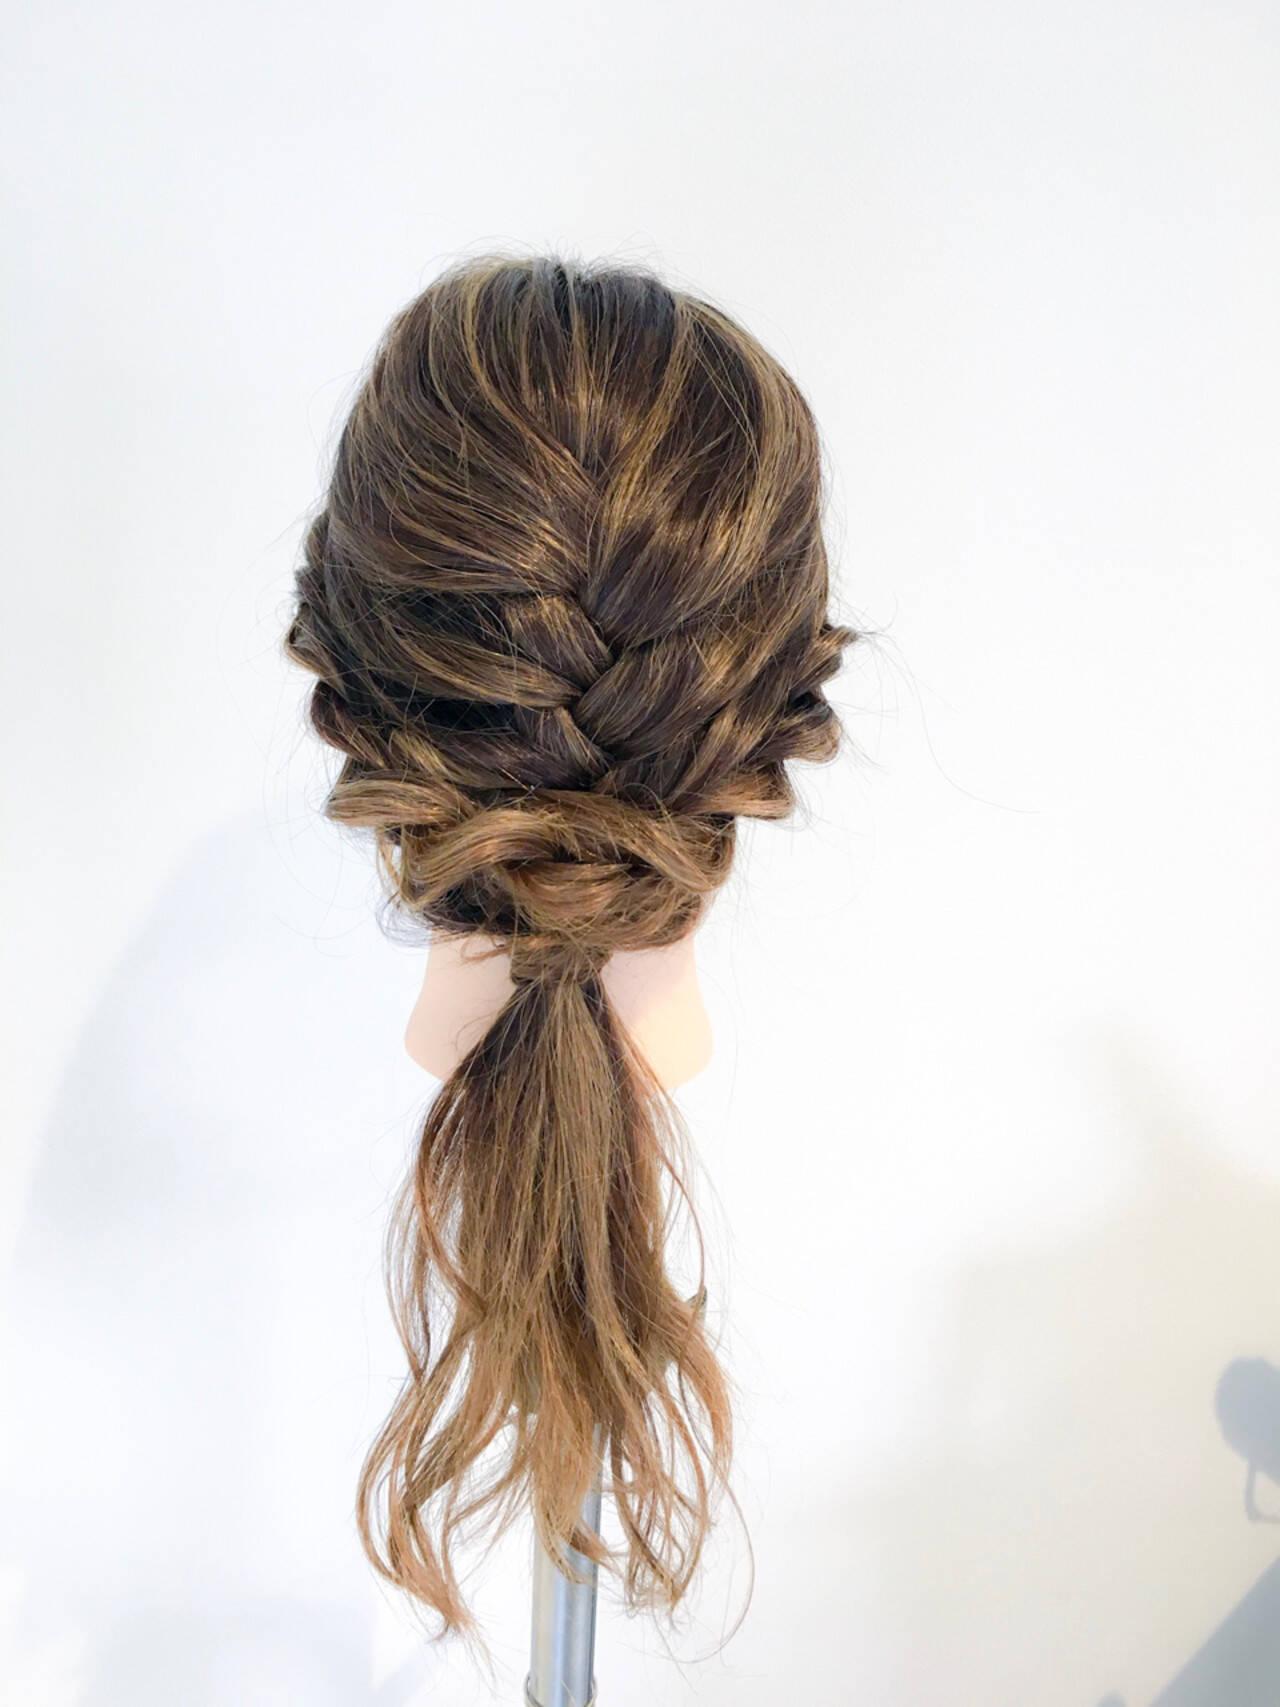 ロング アウトドア 編み込み 簡単ヘアアレンジヘアスタイルや髪型の写真・画像